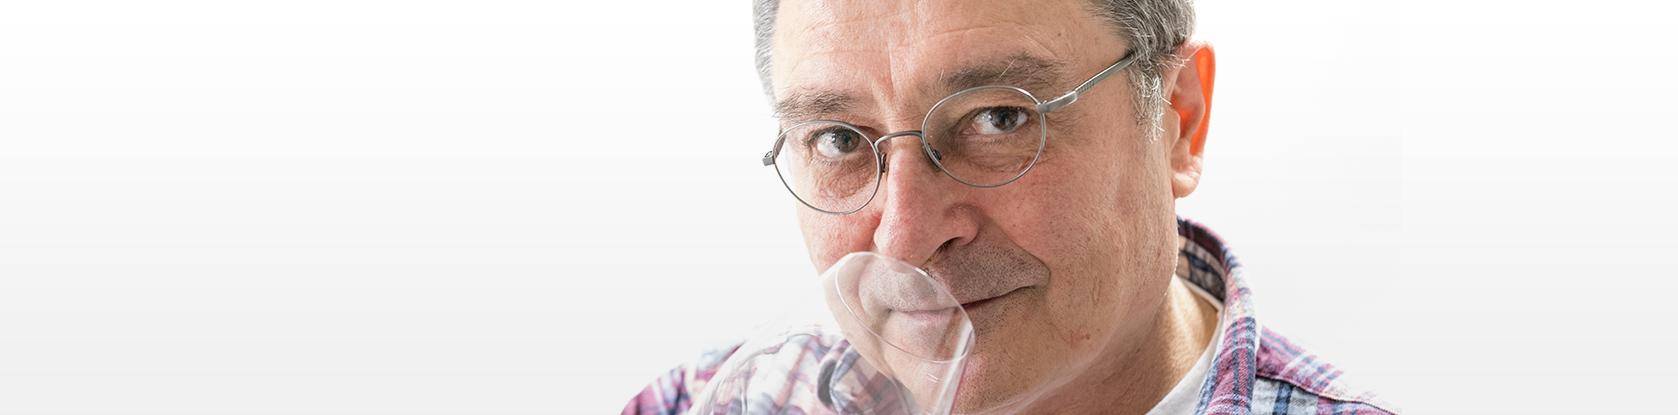 Weinlabor Klingler - Ihre Ansprechpartner stellen sich vor